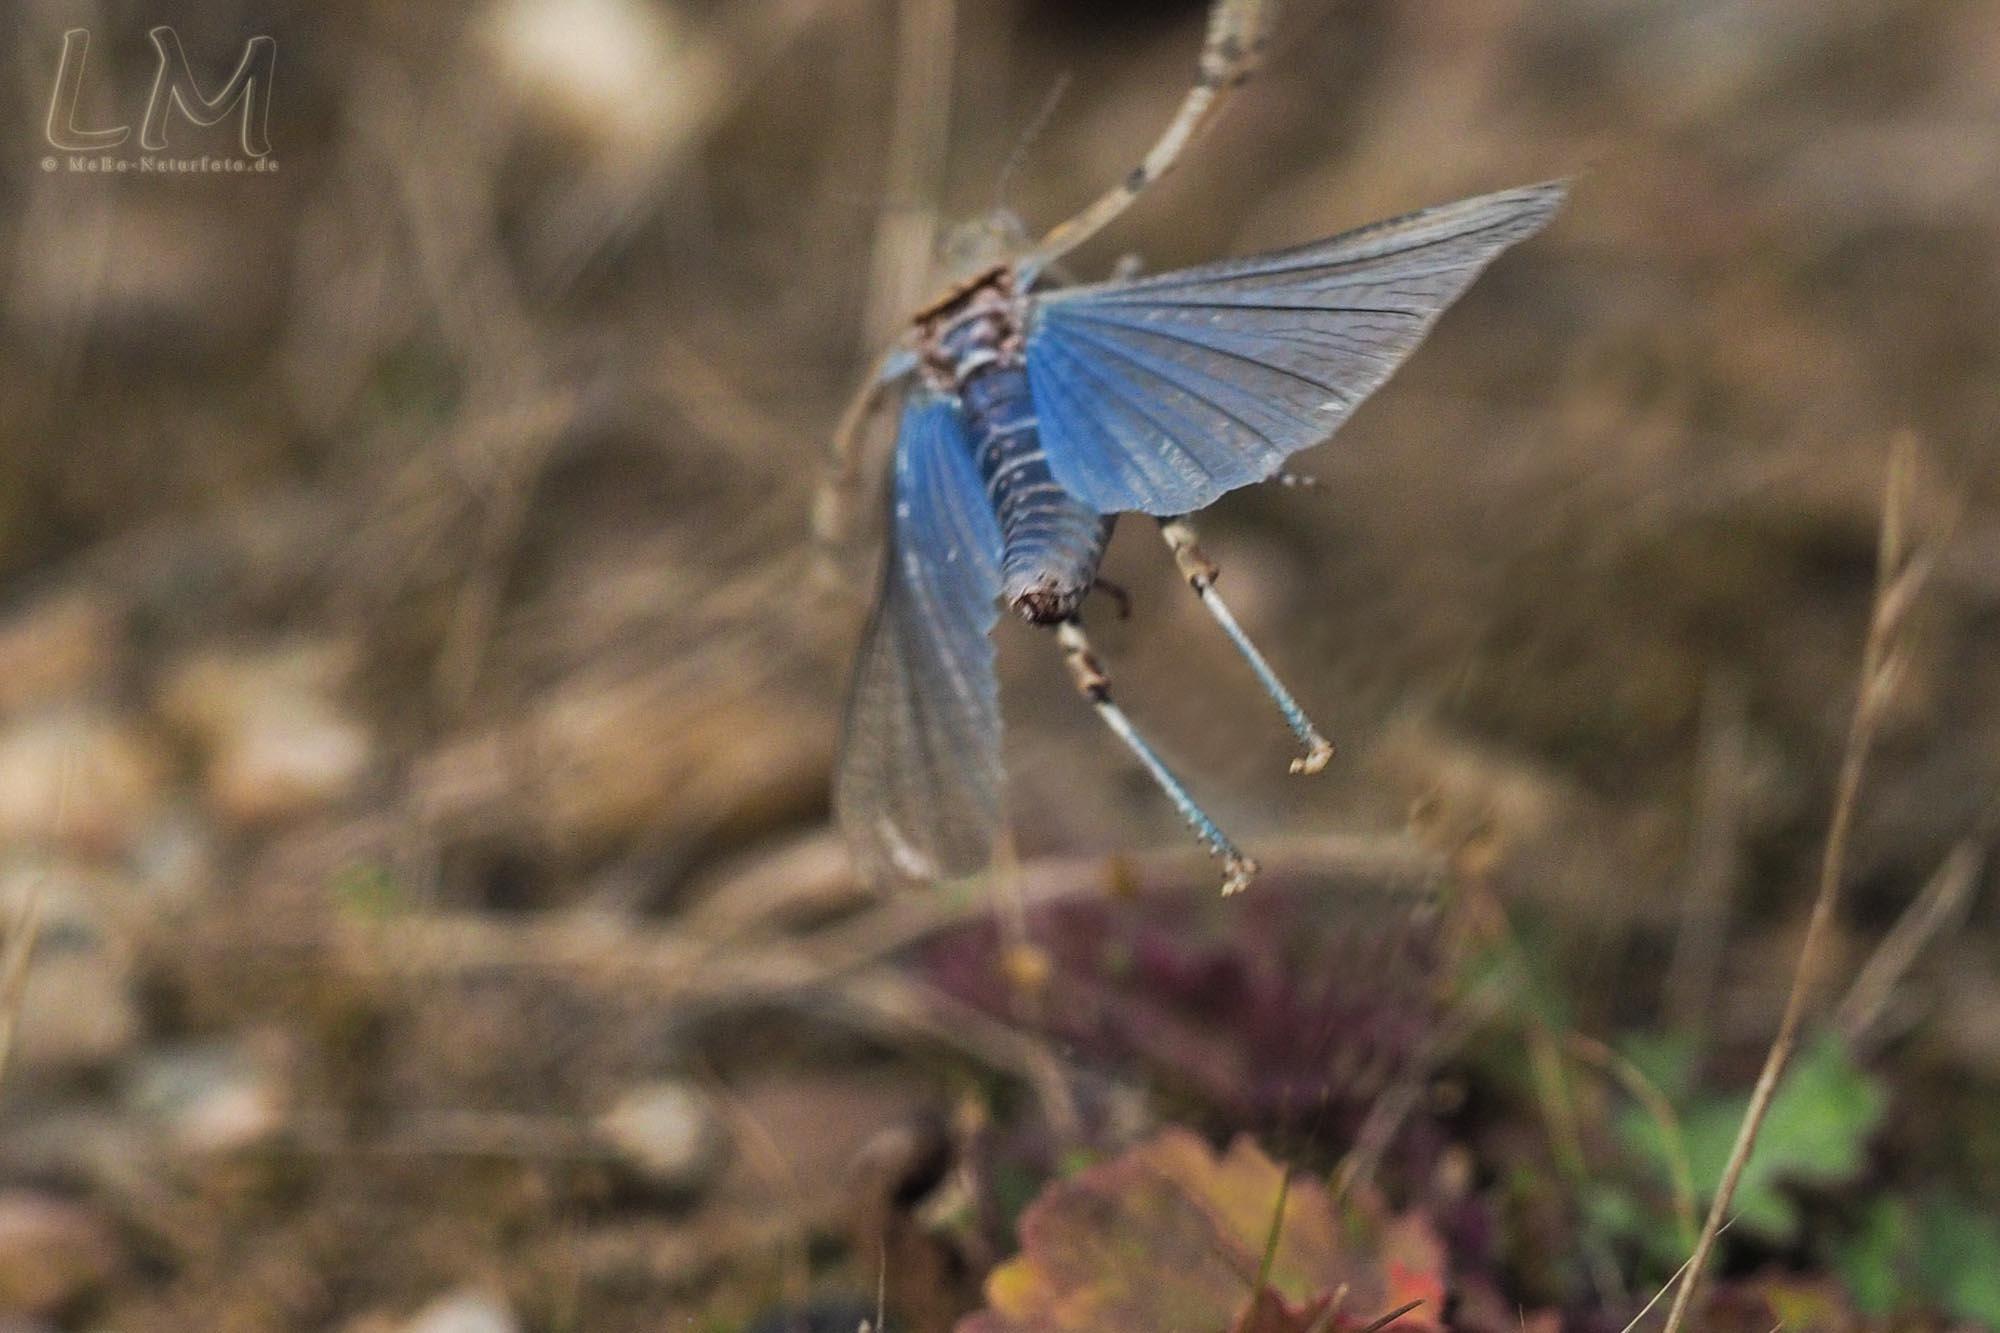 Blauflügelige Sandschrecke